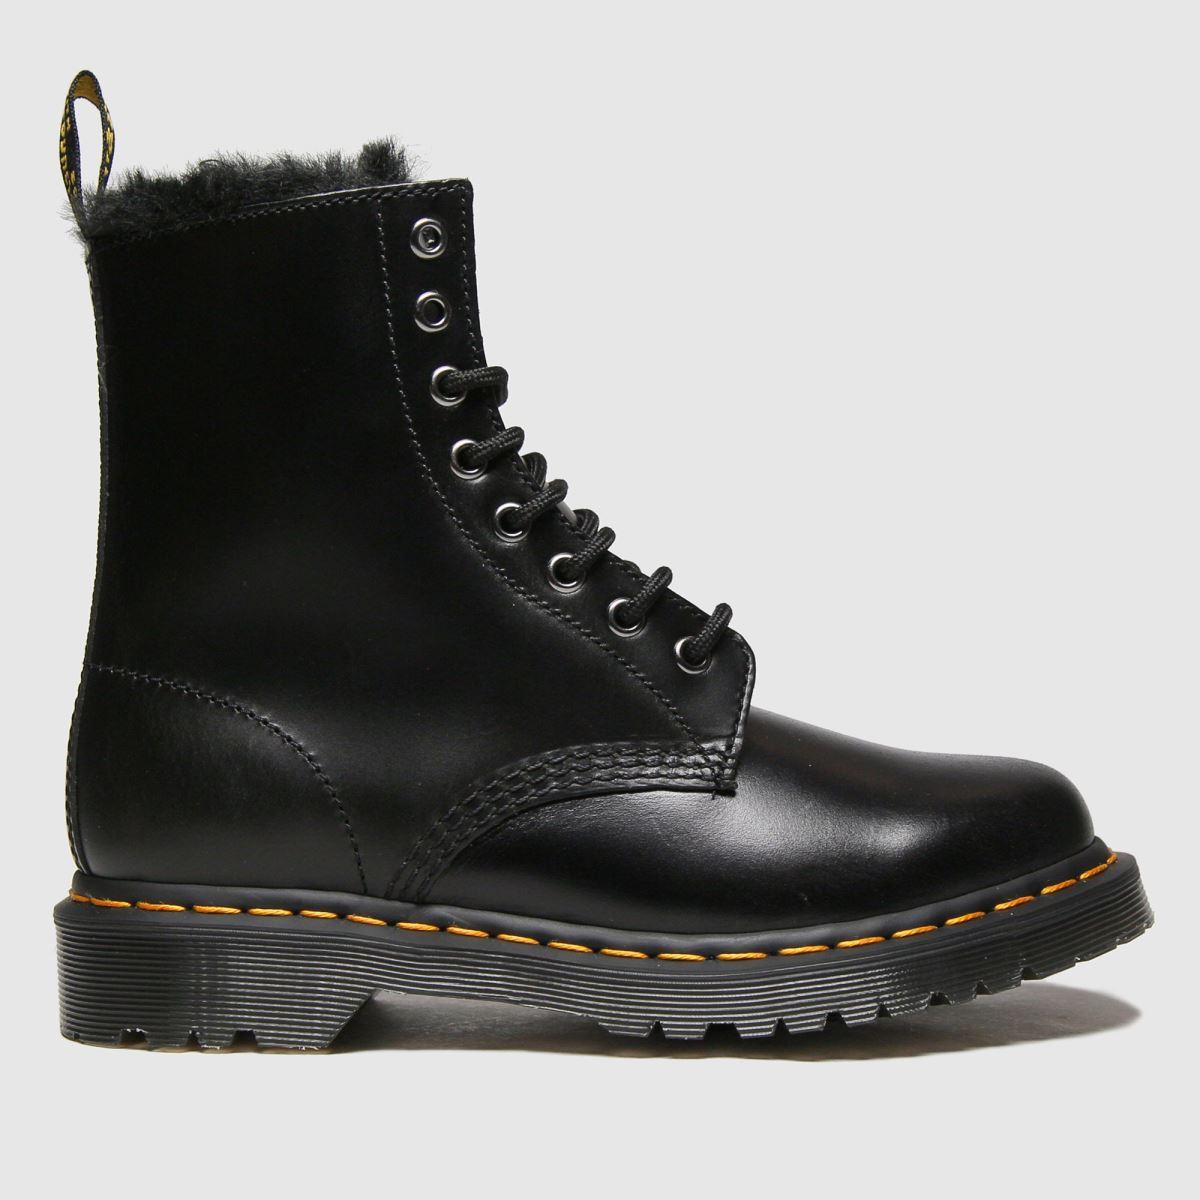 Dr Martens Black 1460 Serena Boots